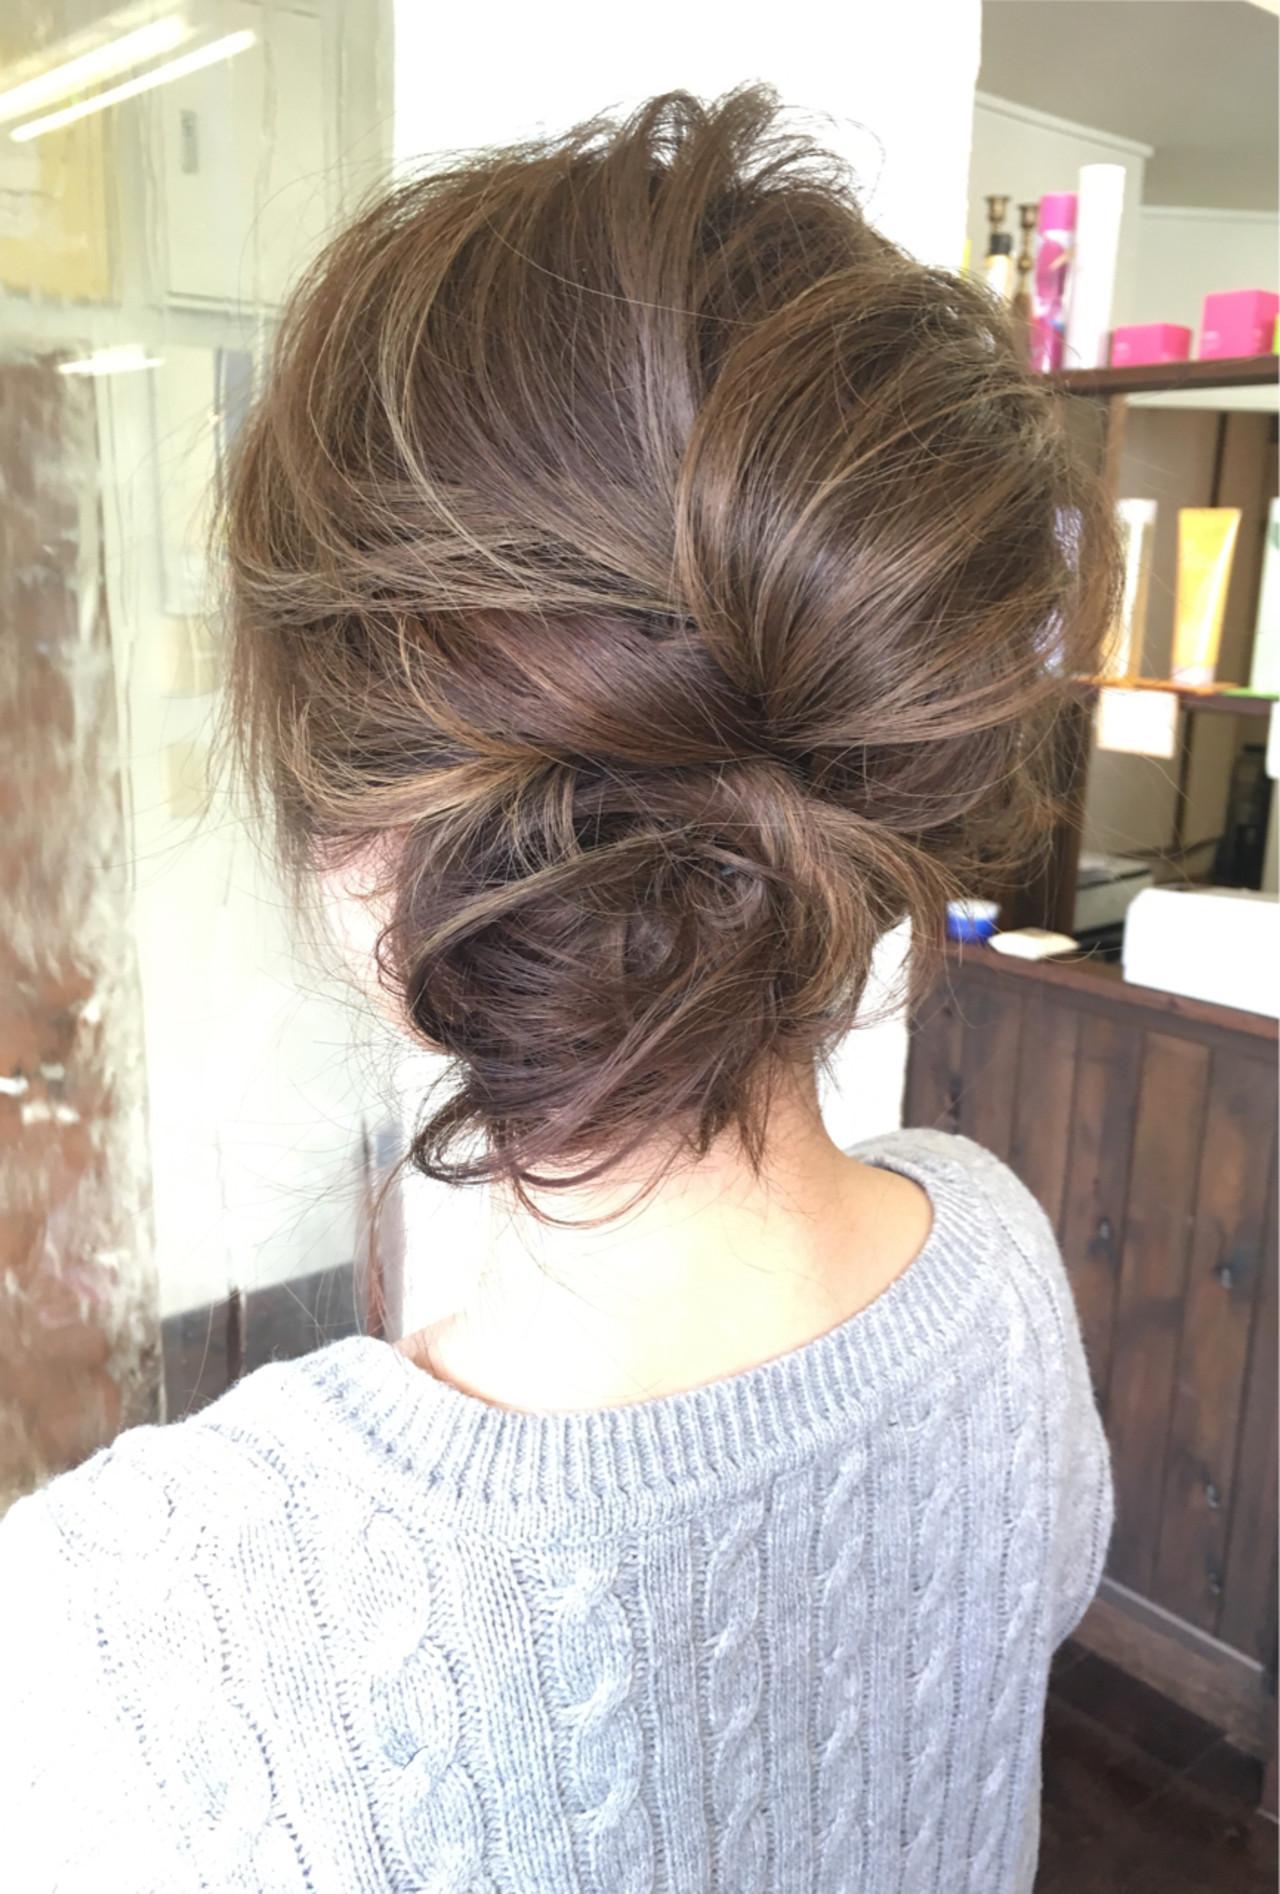 メッシーバン ミディアム お団子 ブルージュ ヘアスタイルや髪型の写真・画像